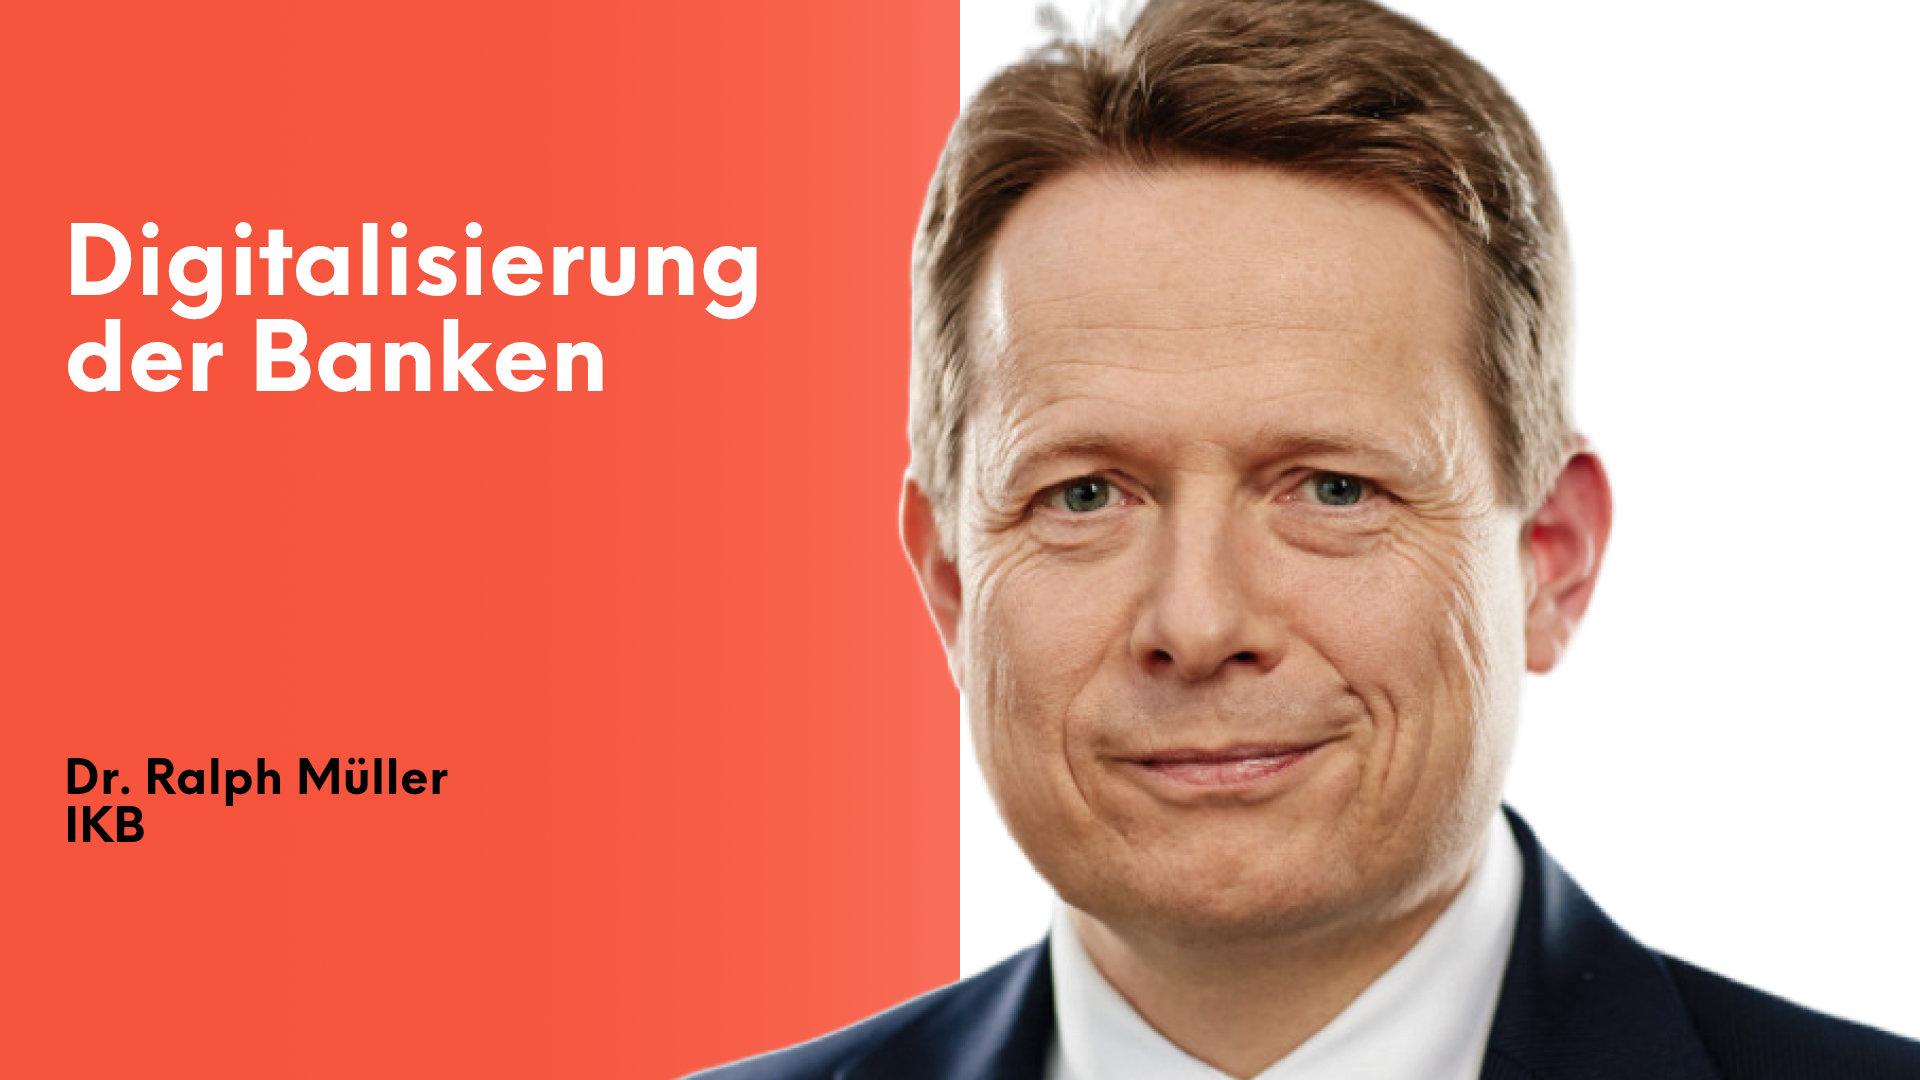 Dr. Ralph Müller von der IKB im Payment & Banking Interview.